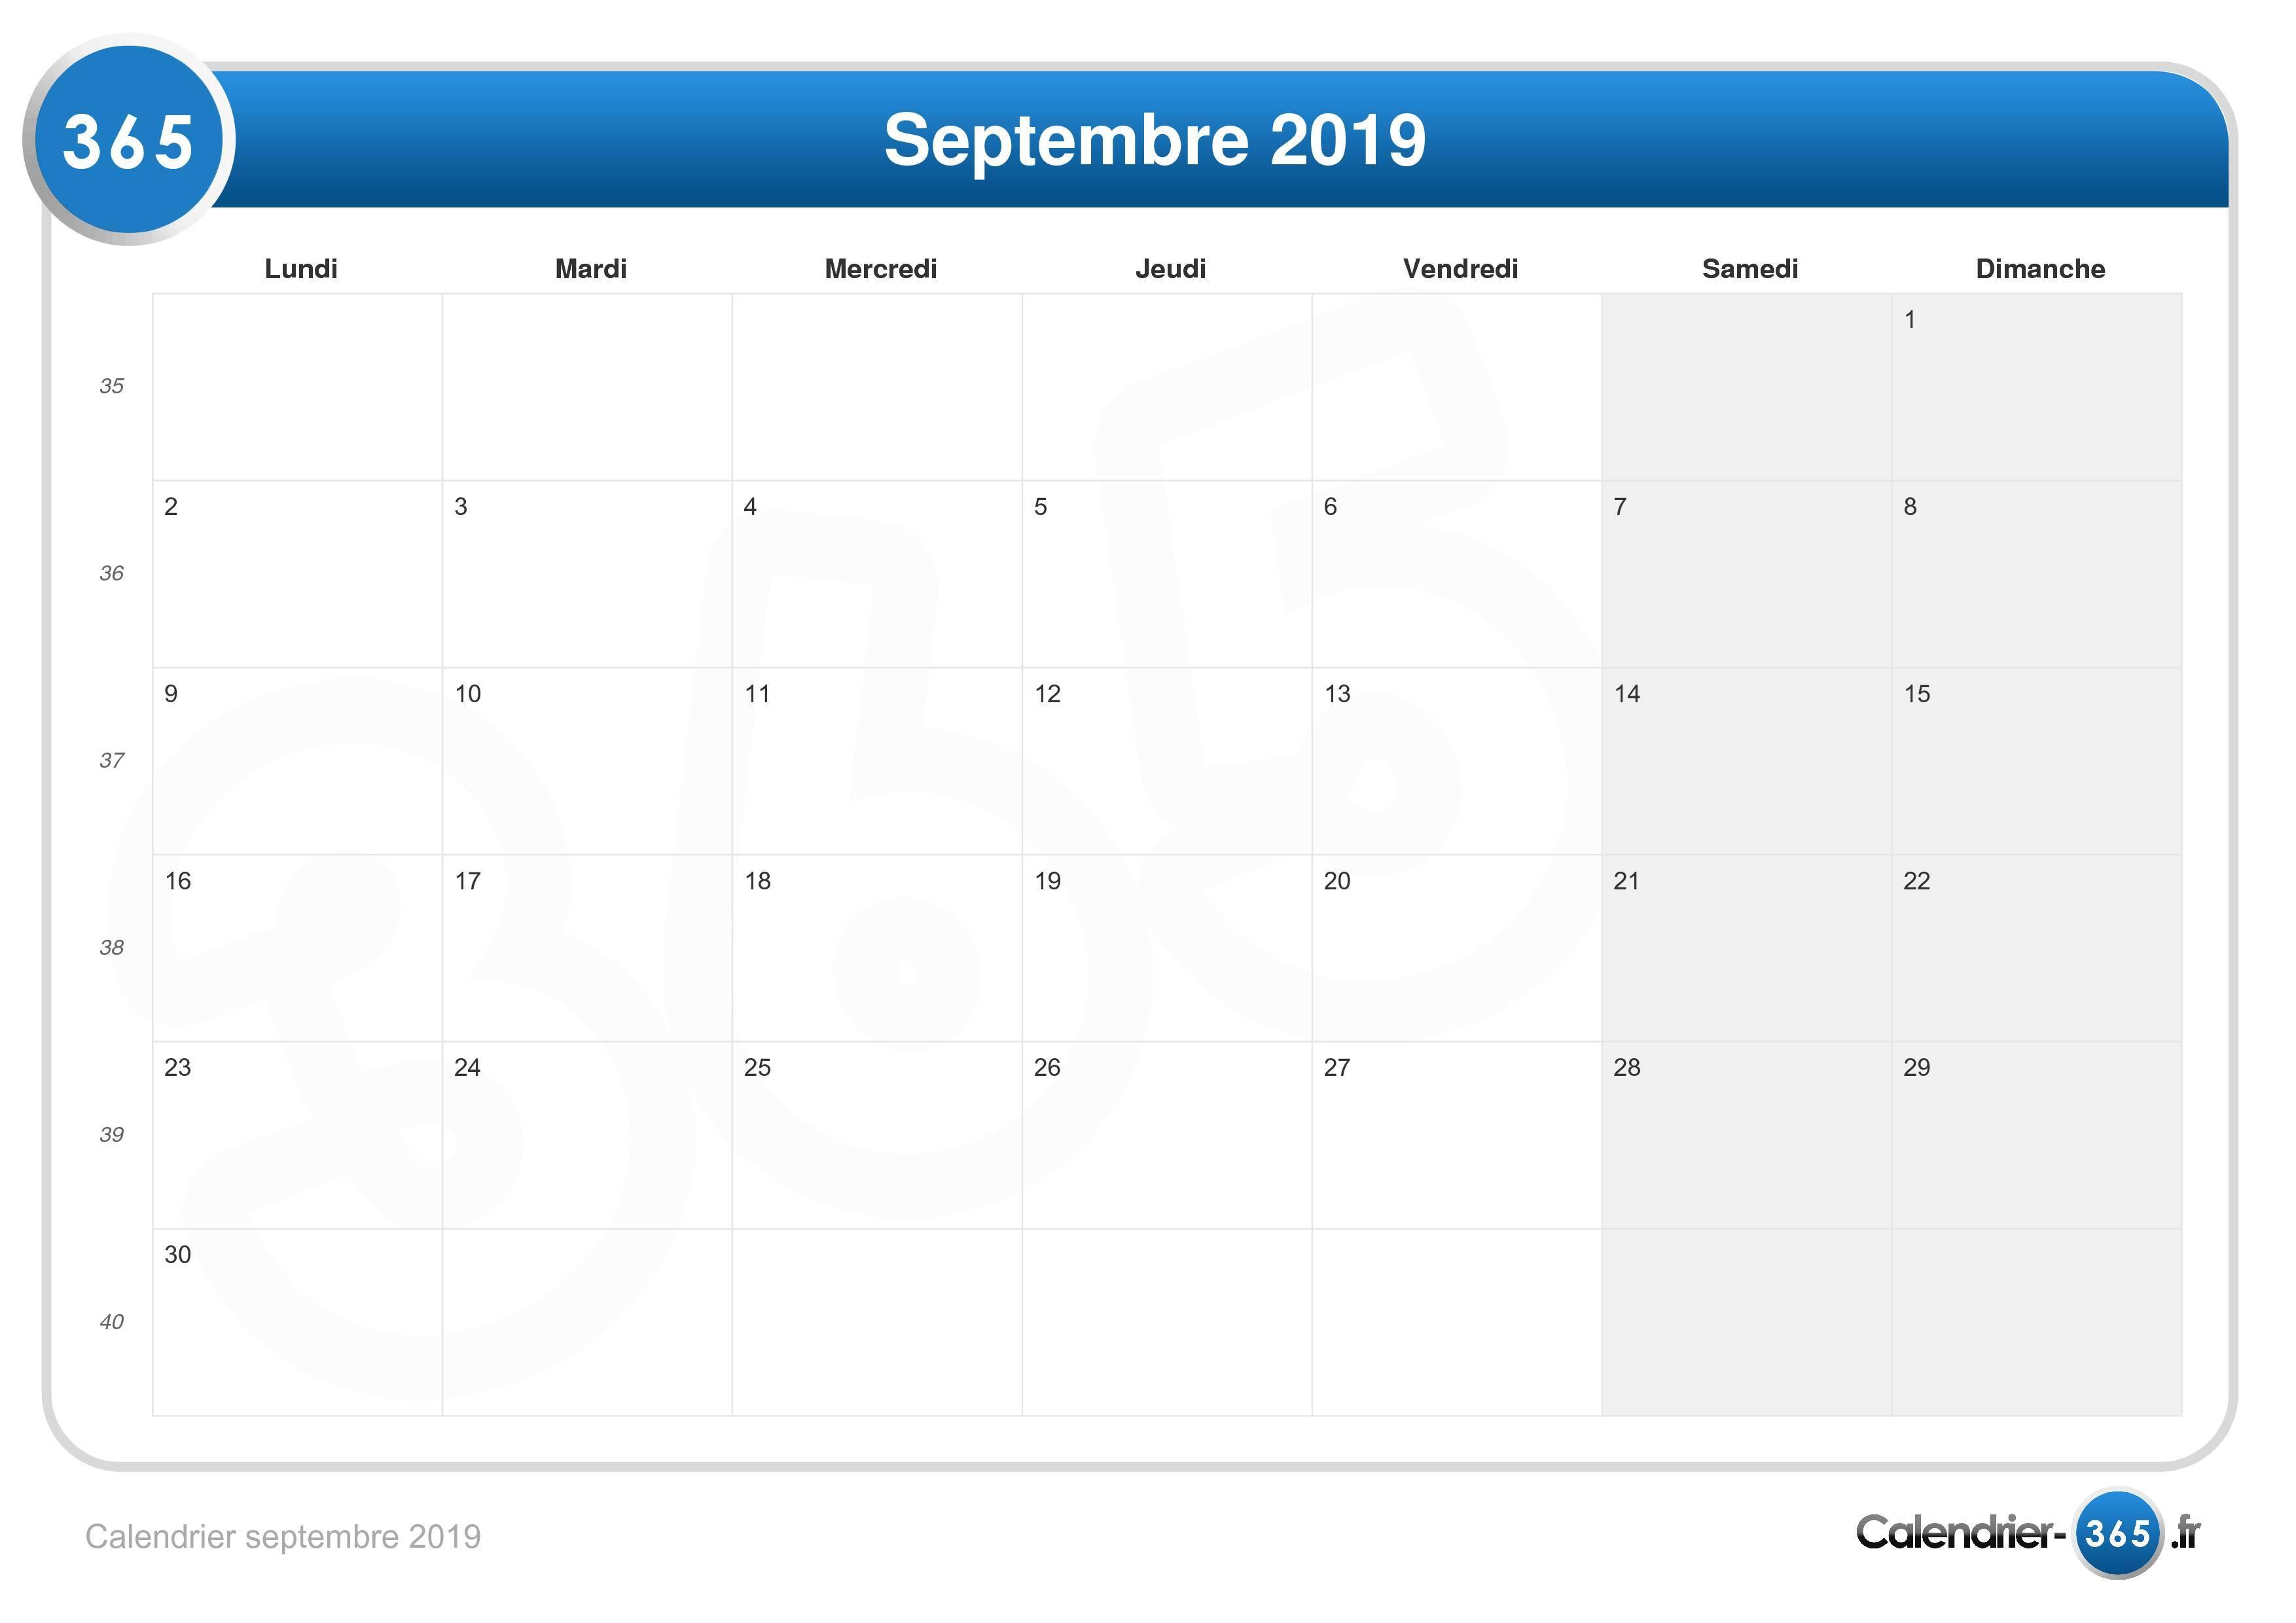 Calendrier Mois De Septembre.Calendrier Septembre 2019